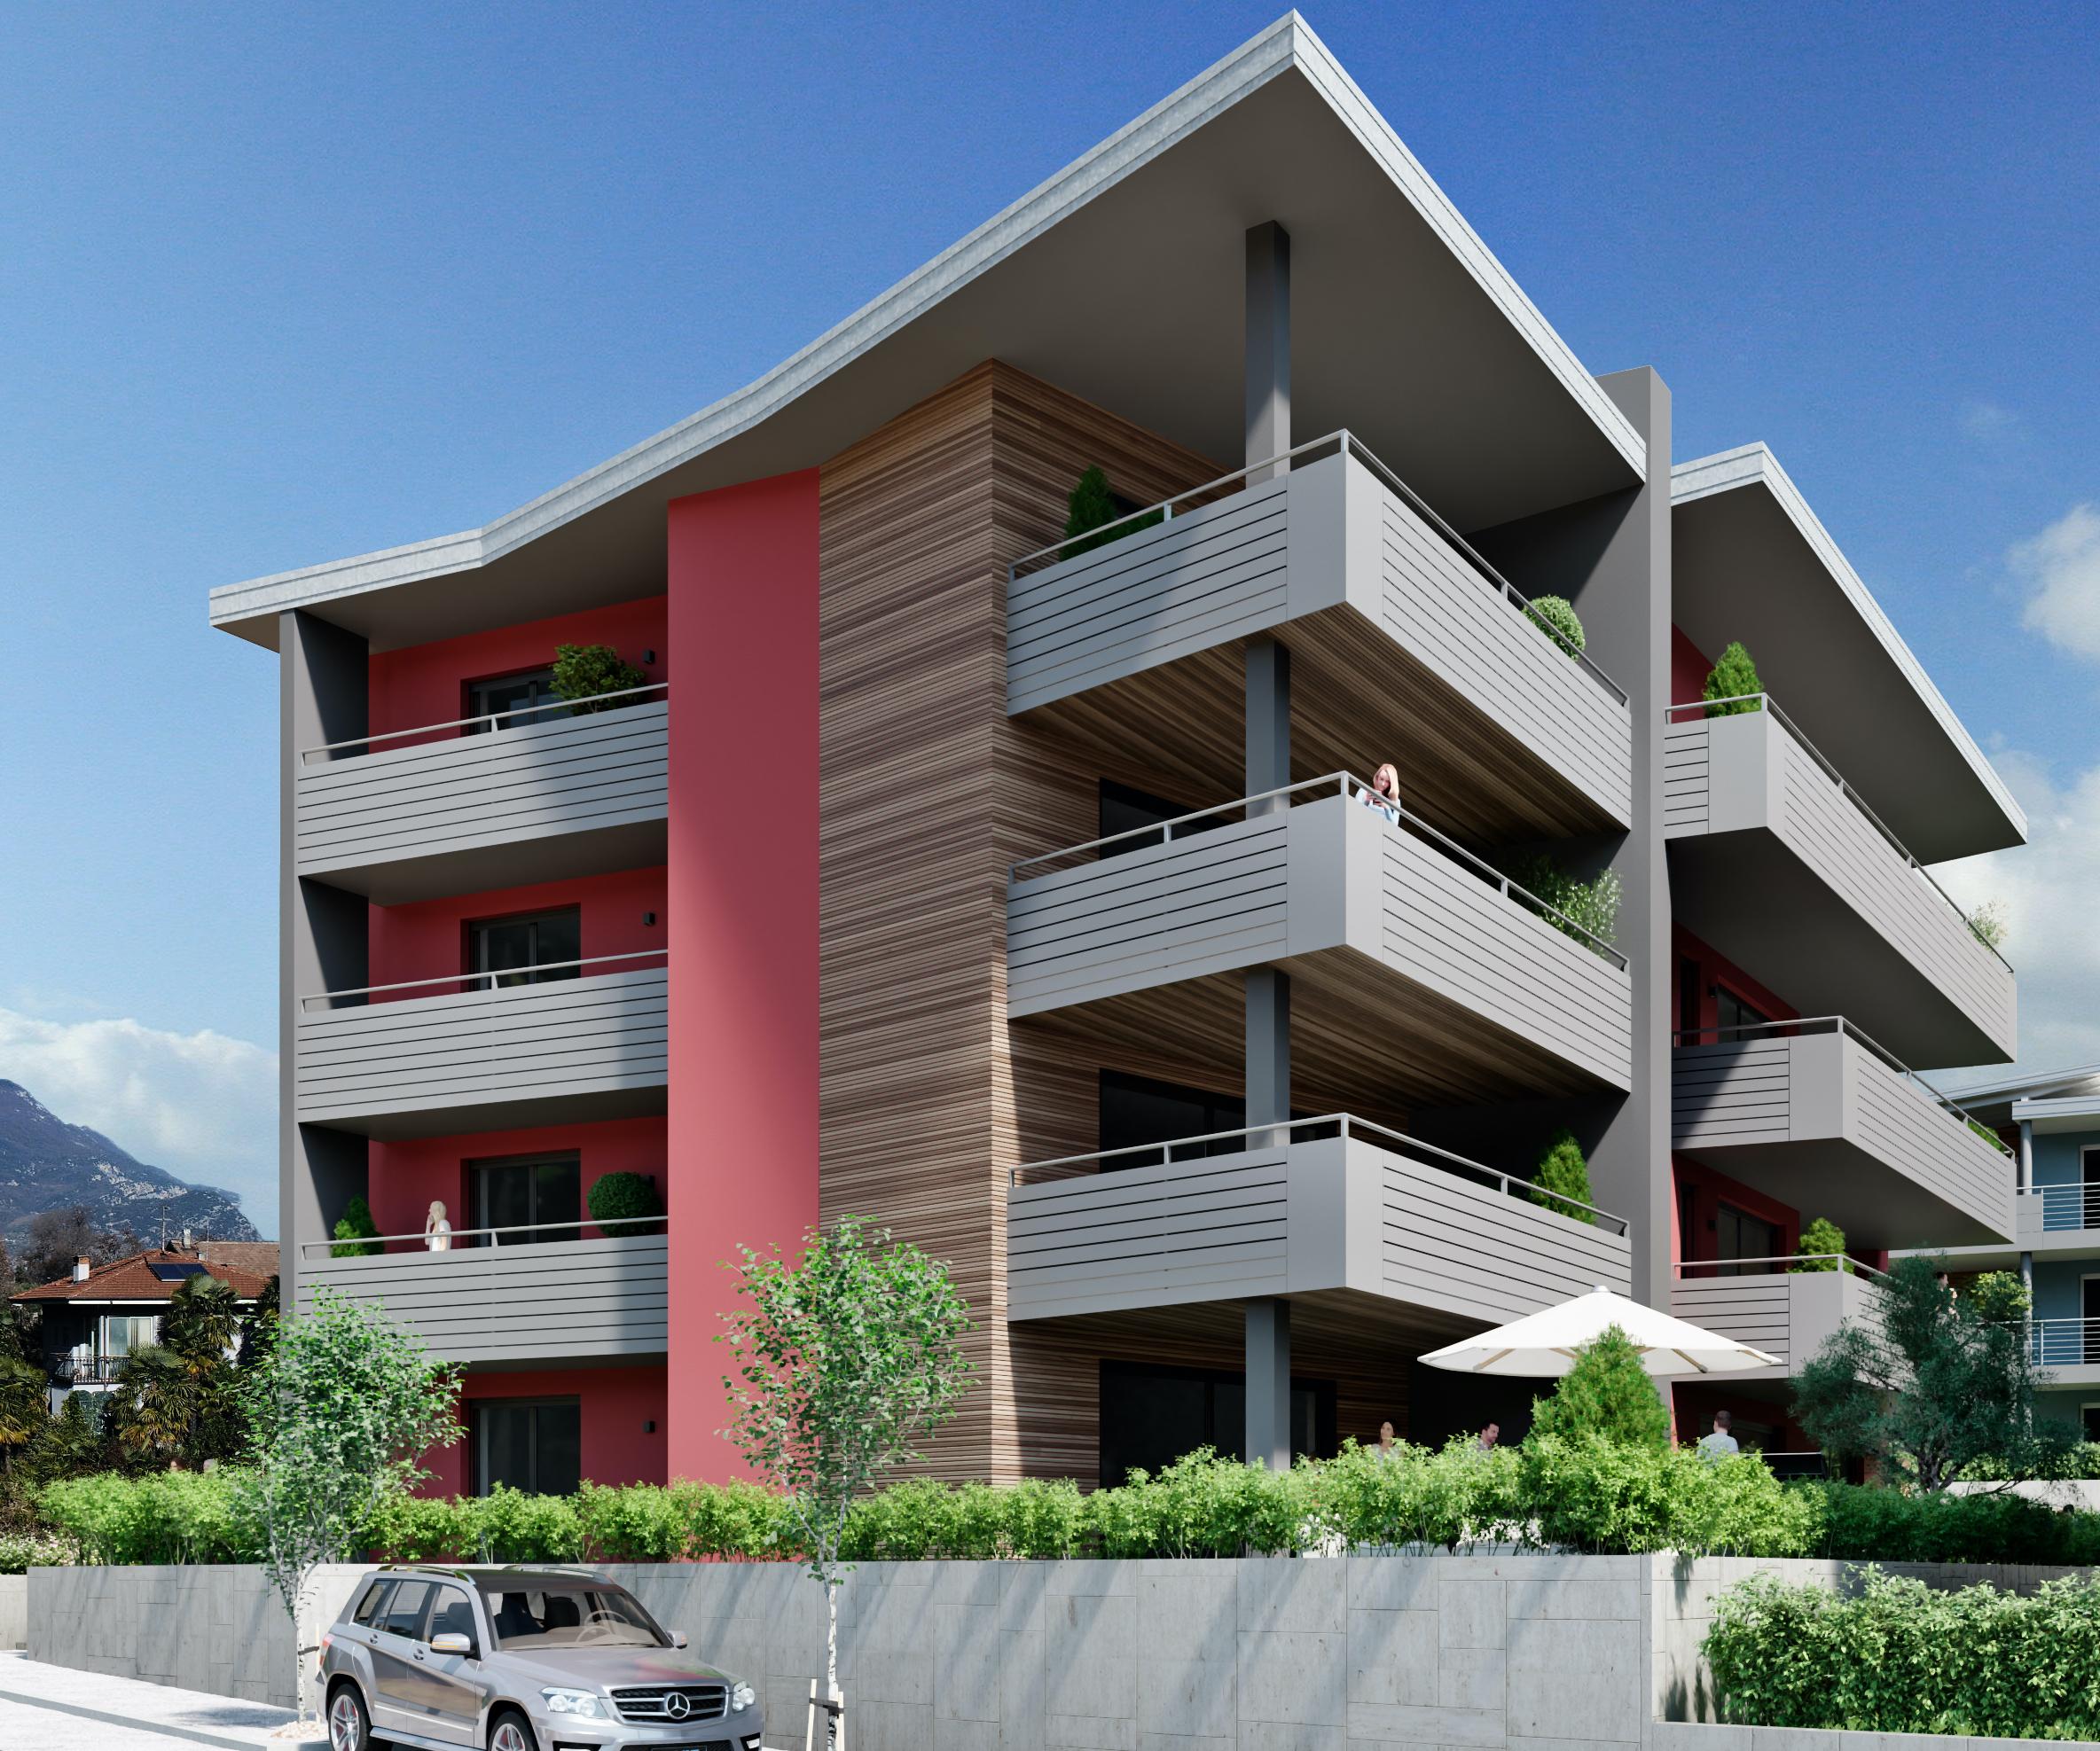 Esclusivo attico in costruzione Riva Del Garda (TN) - Trentino Alto Adige